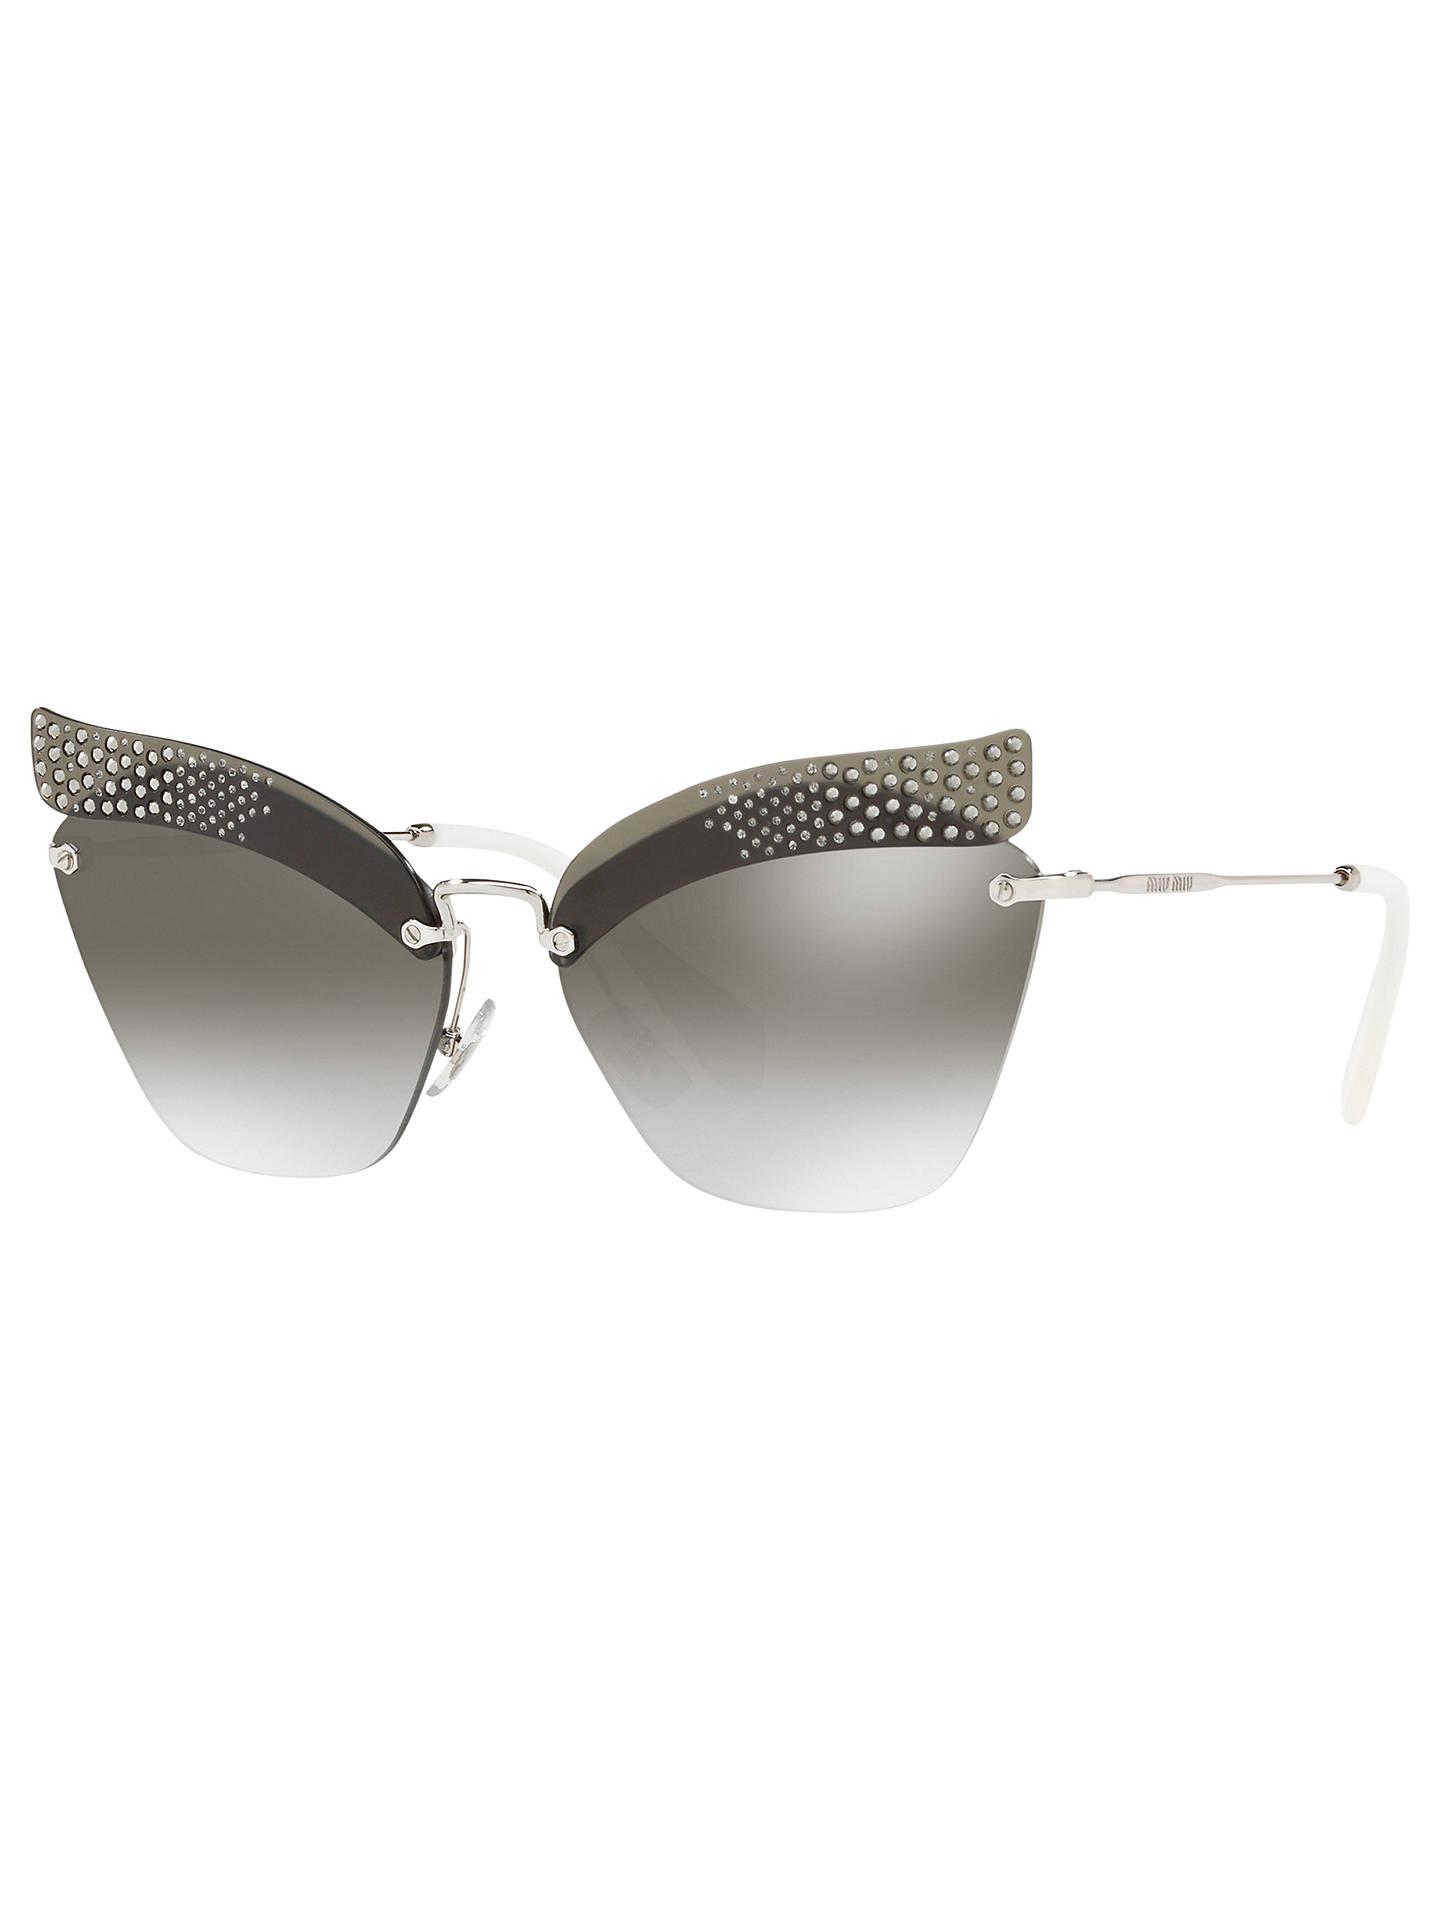 0006c8861695 Buy Miu Miu MU 56TS Rimless Cat s Eye Sunglasses